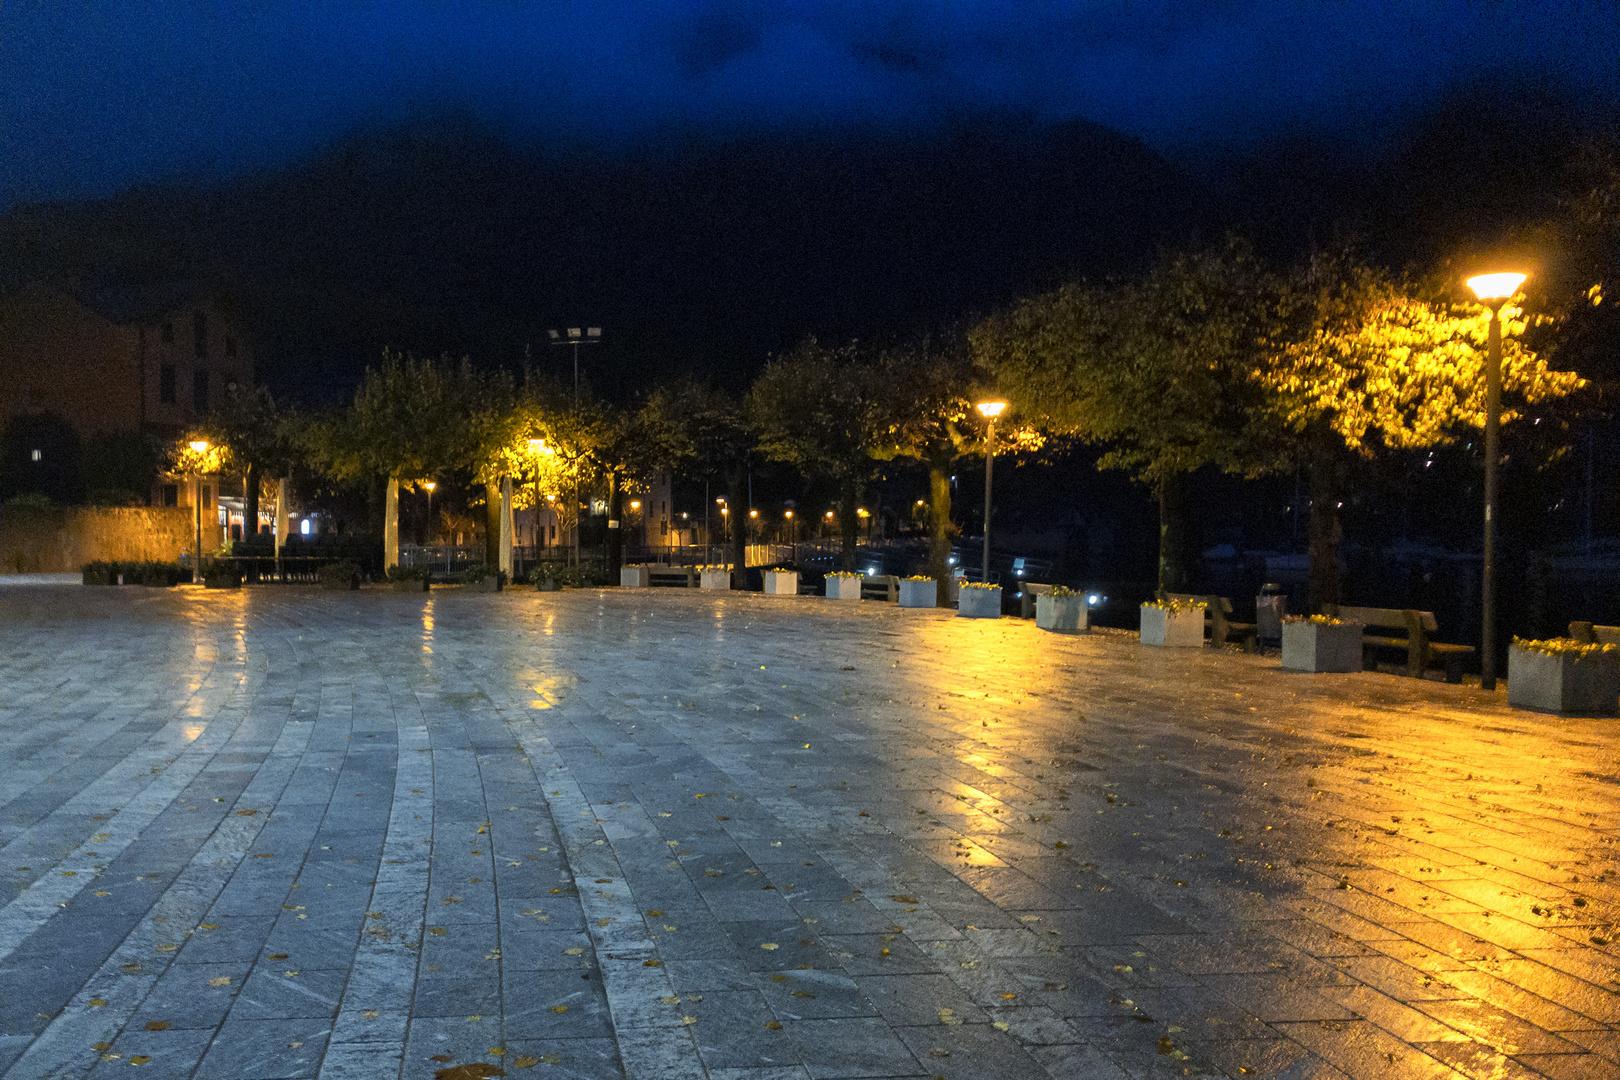 Caldè, Piazza Lago di sera